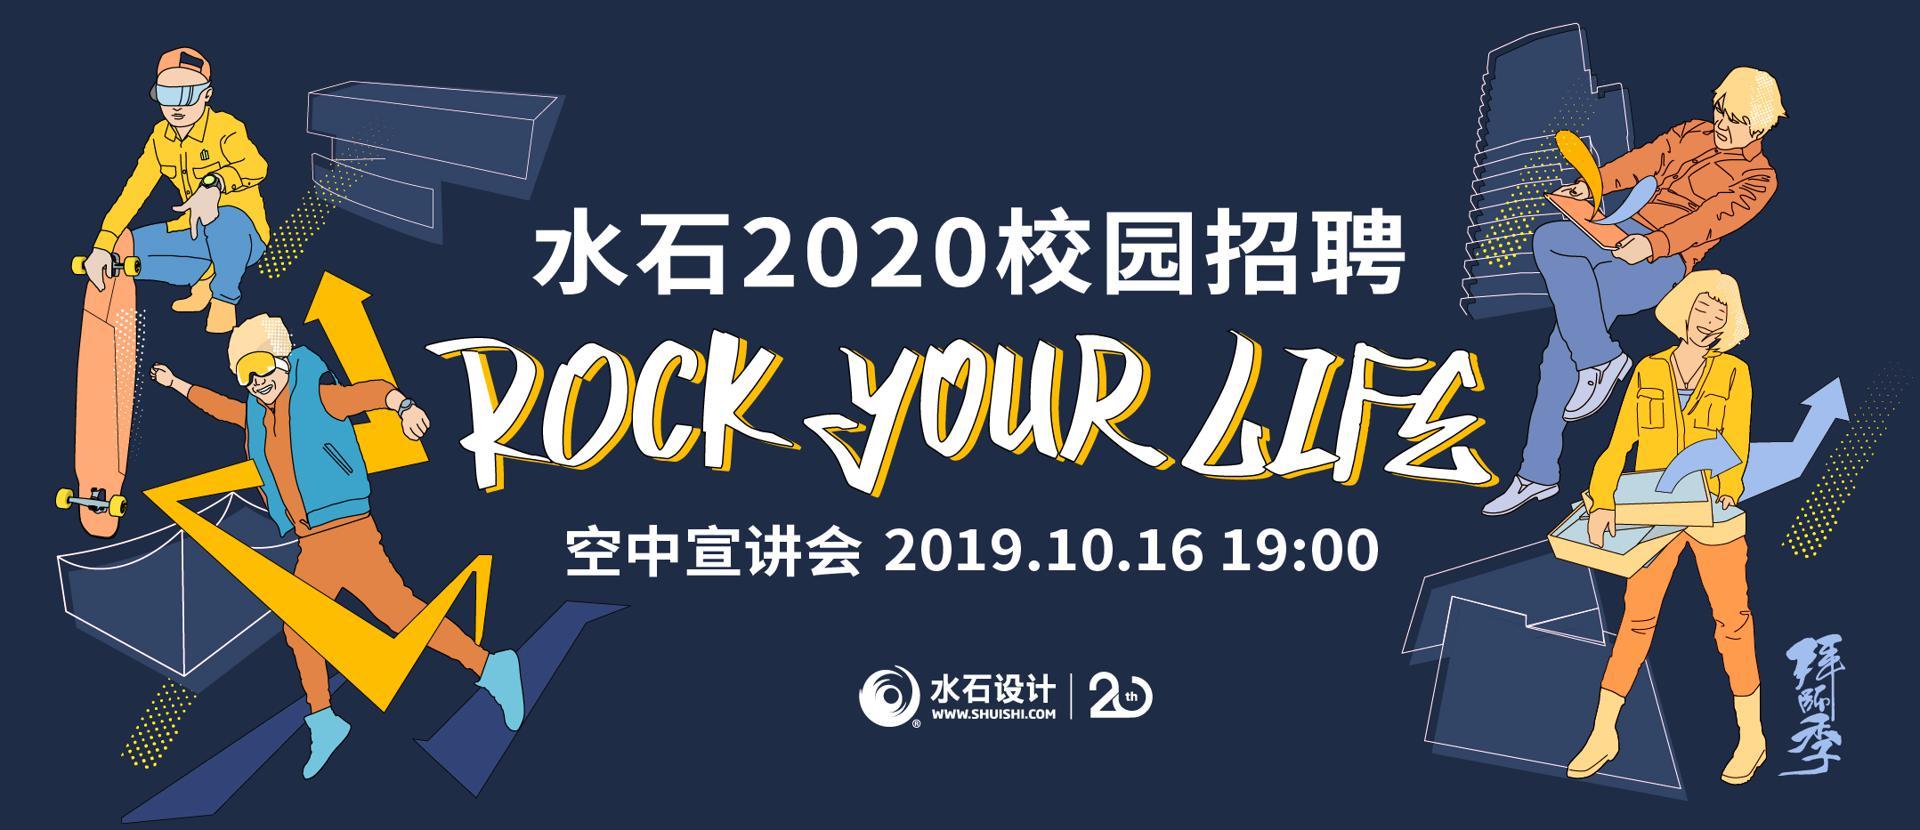 水石拜师季-Rock Your Life-2020校园招聘空中宣讲会